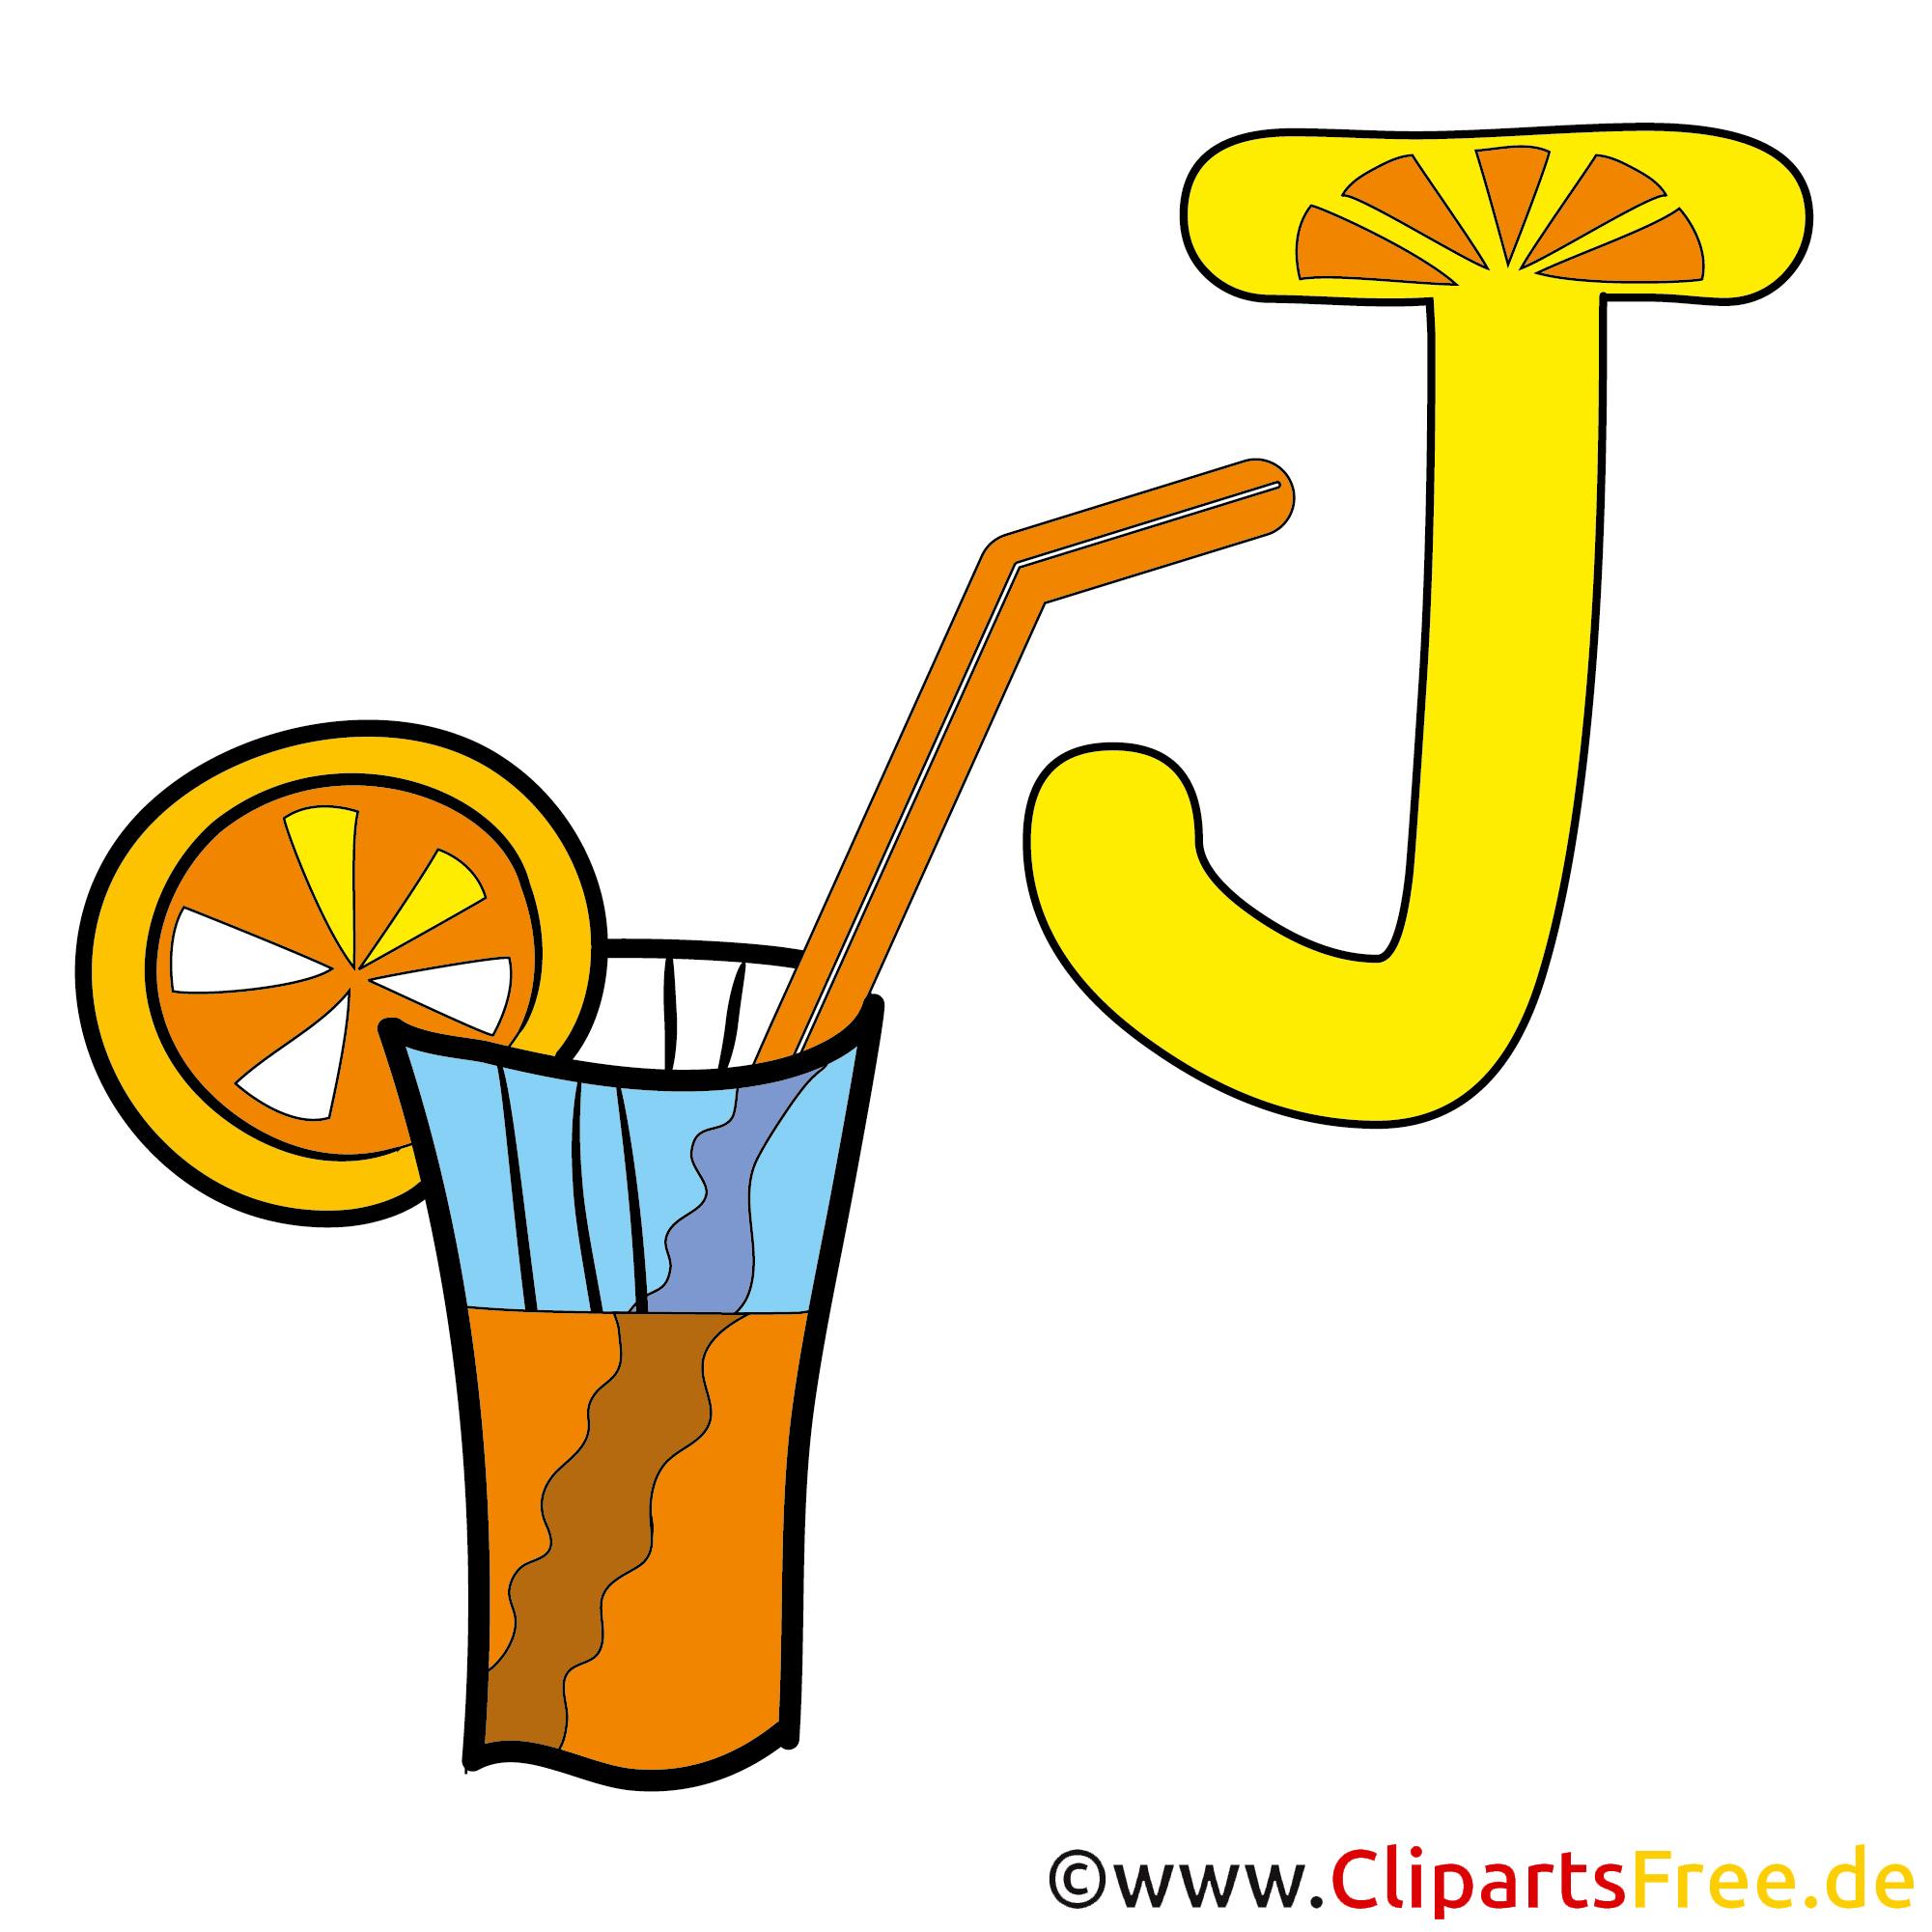 J is for Juice - Englisch Alphabet